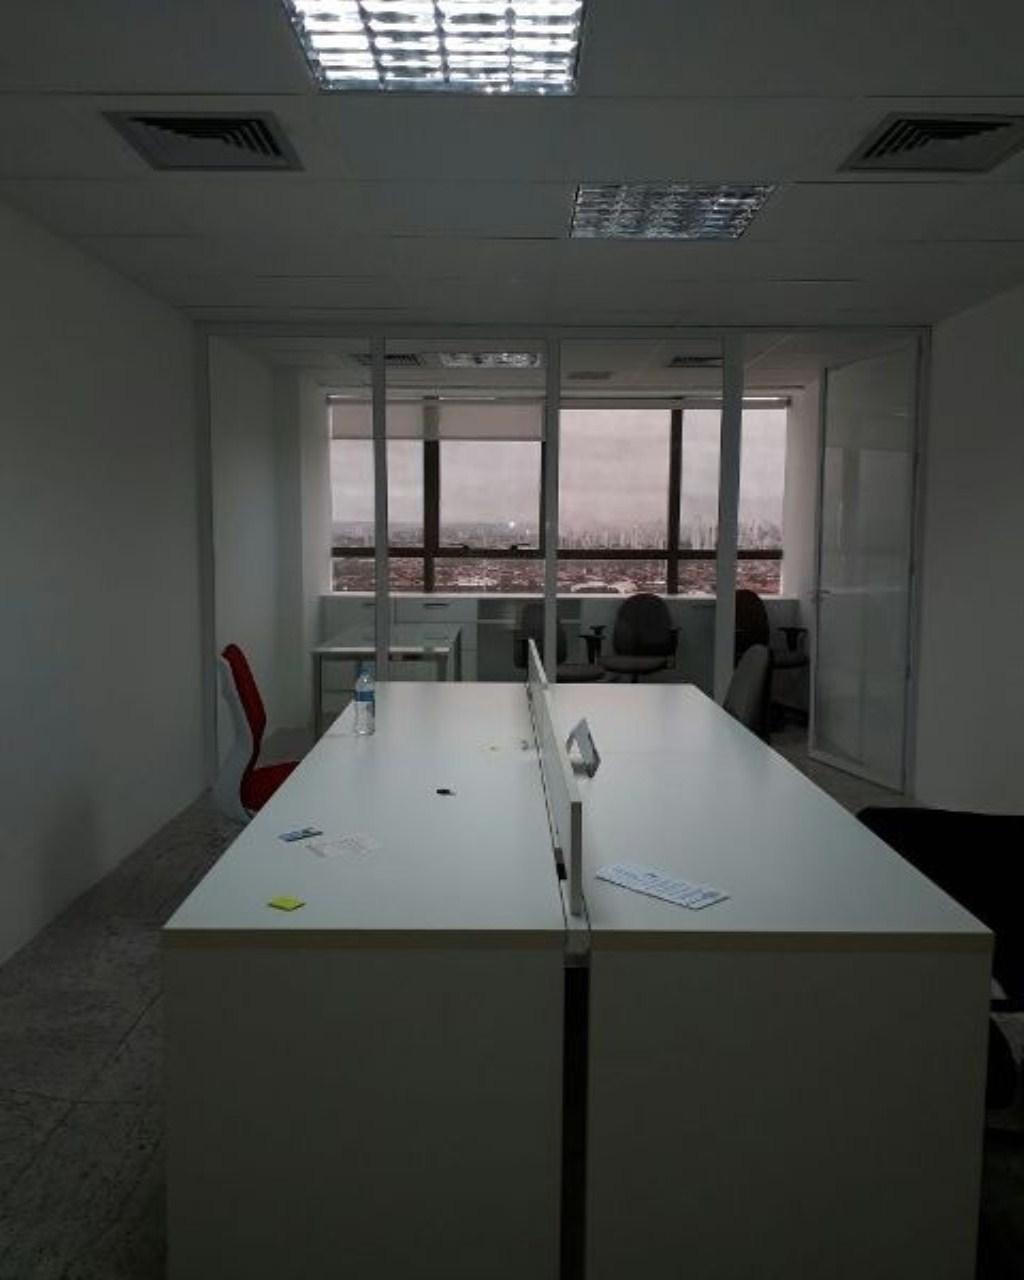 App  locação sala recife, App venda sala  Recife,  sala comercial, salas mobiliadas, imobiliária, recife, comprar, vender, permutar, avaliação, lajes